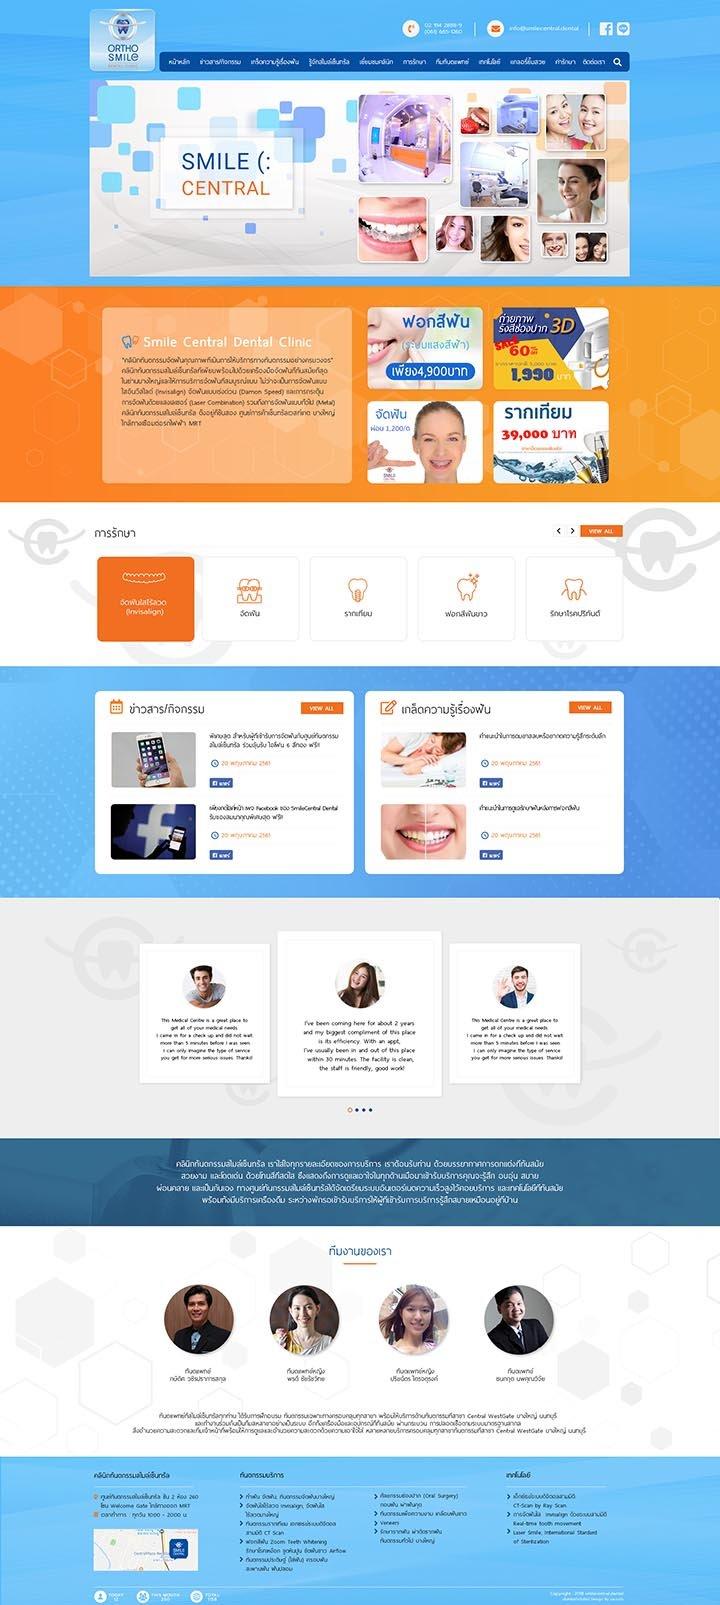 WebDesignคลินิคทำฟัน-จัดฟัน-พัทยา,รับออกแบบสื่อการตลาดออนไลน์